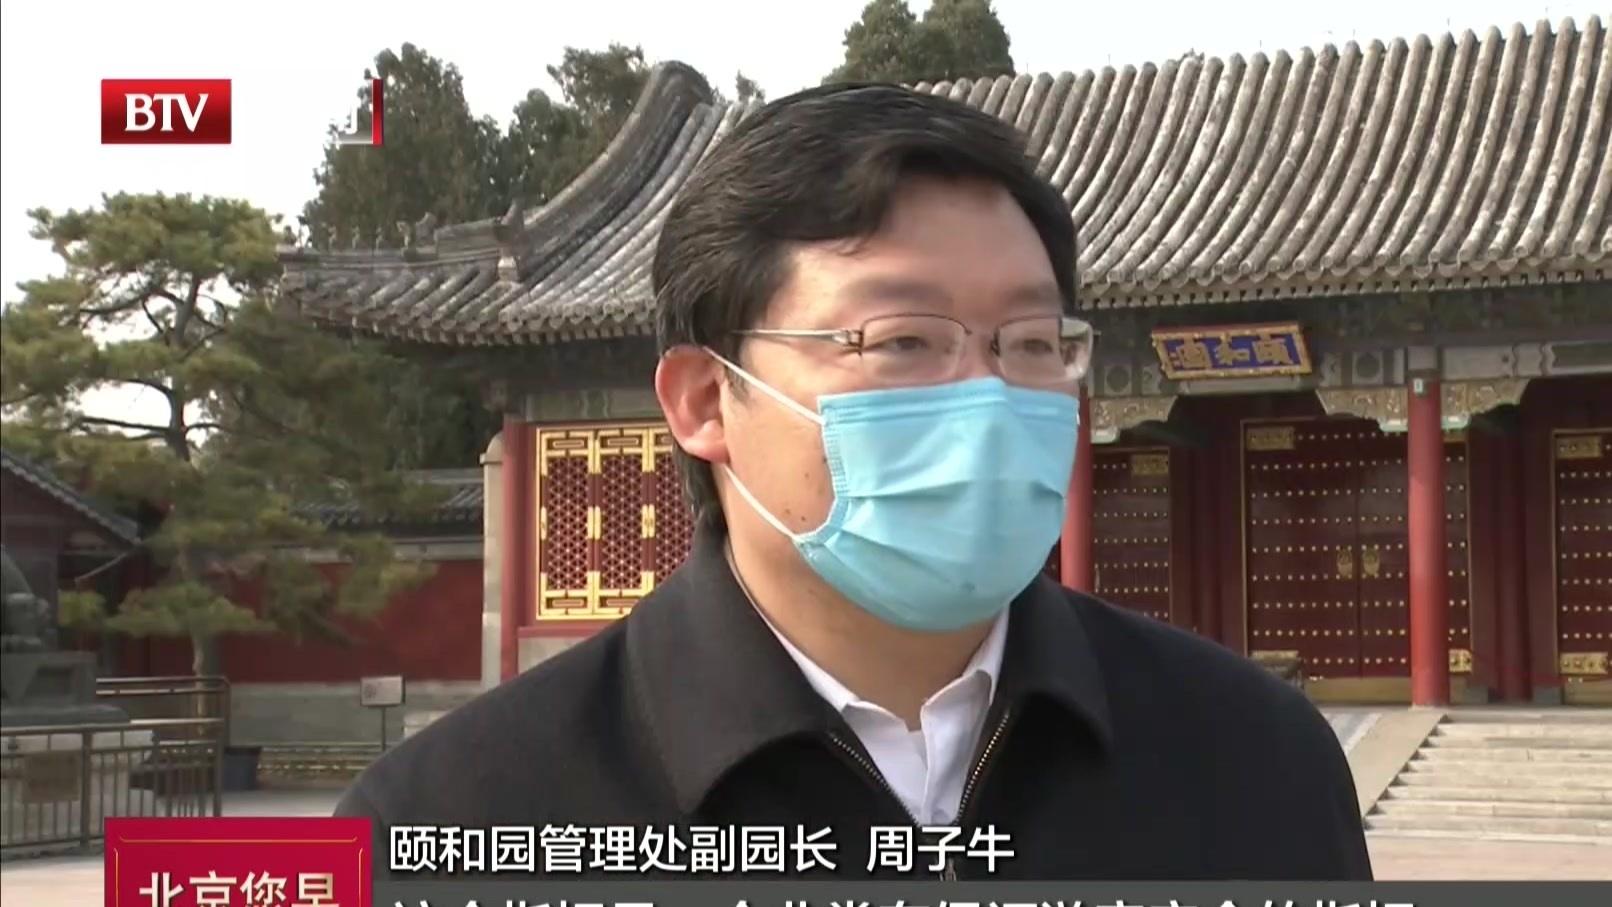 加强疫情防控  北京各大公园开始全面限流